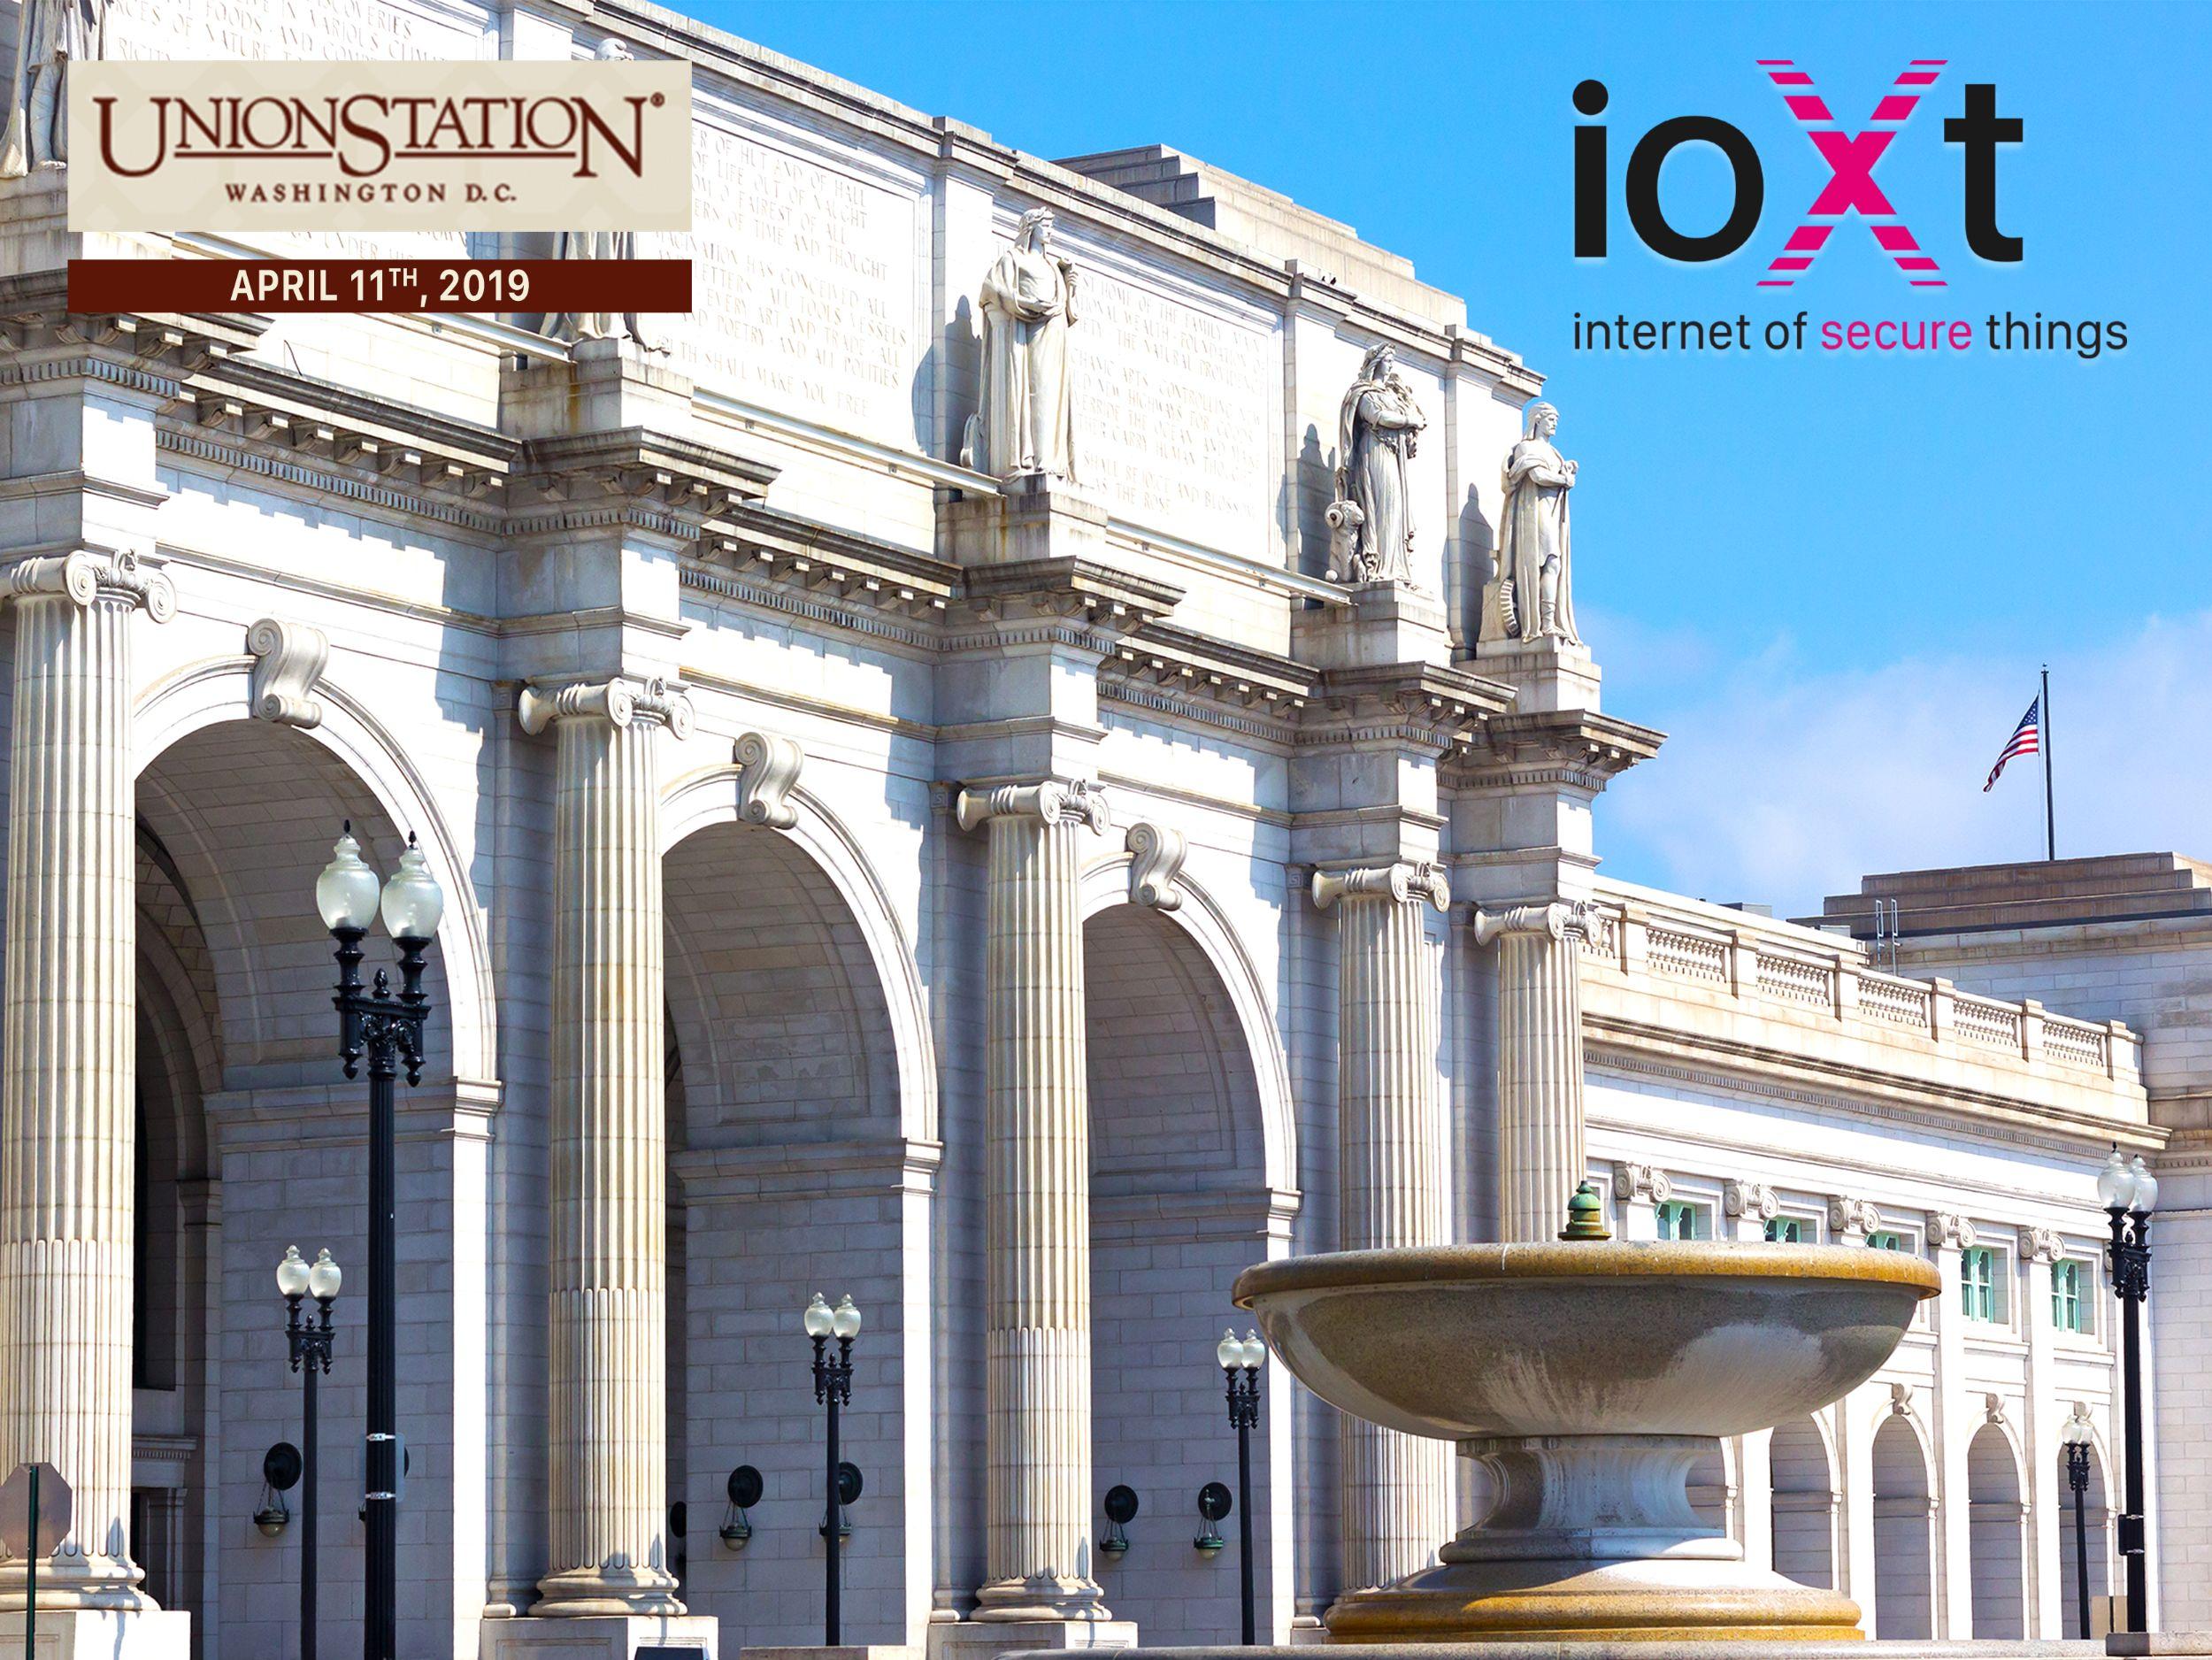 Union Station-large.jpg